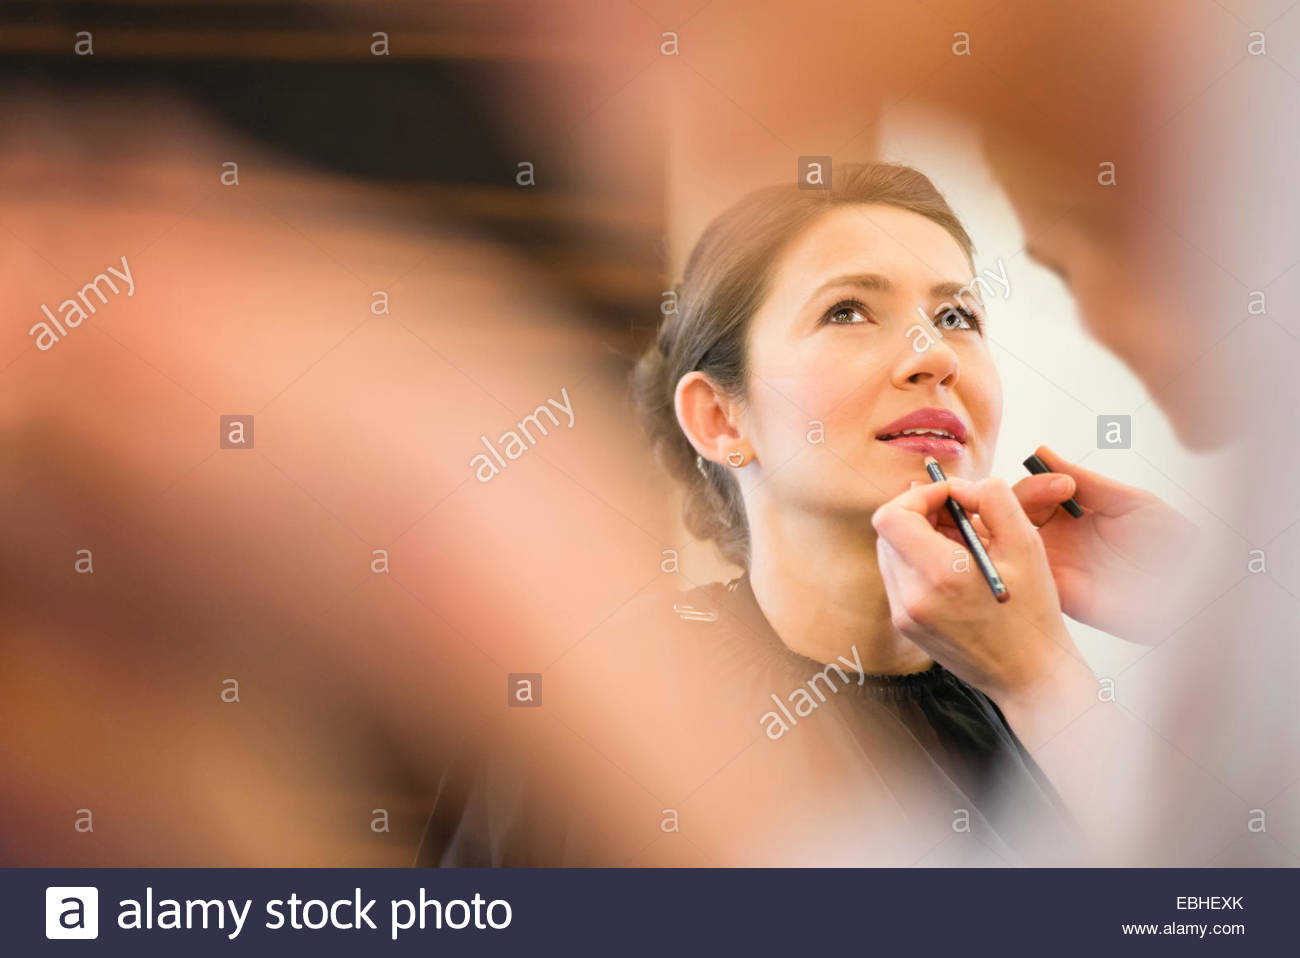 Amiga aplicar delineador de labios para novias labios Imagen De Stock